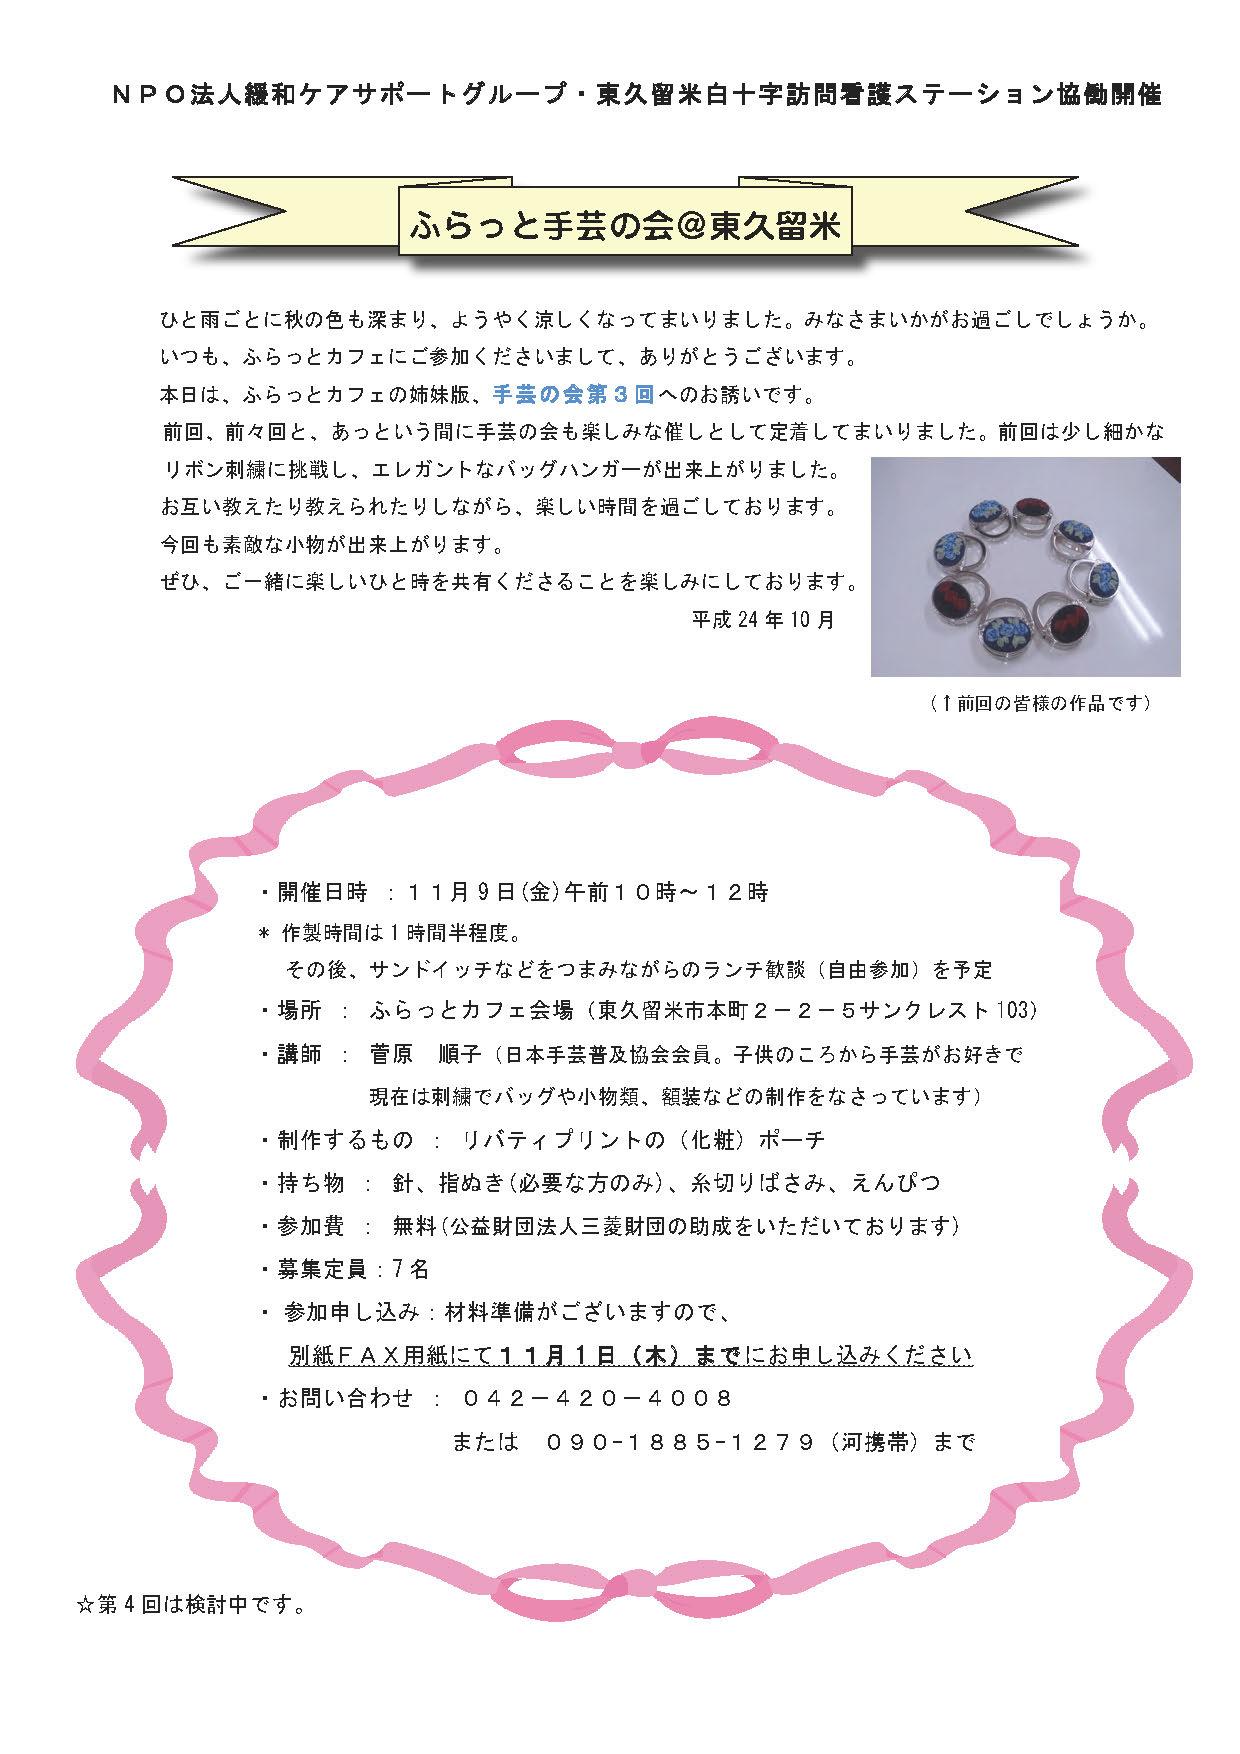 第2回ふらっと手芸の会 @ 東久留米へのお誘い_e0167087_9291110.jpg